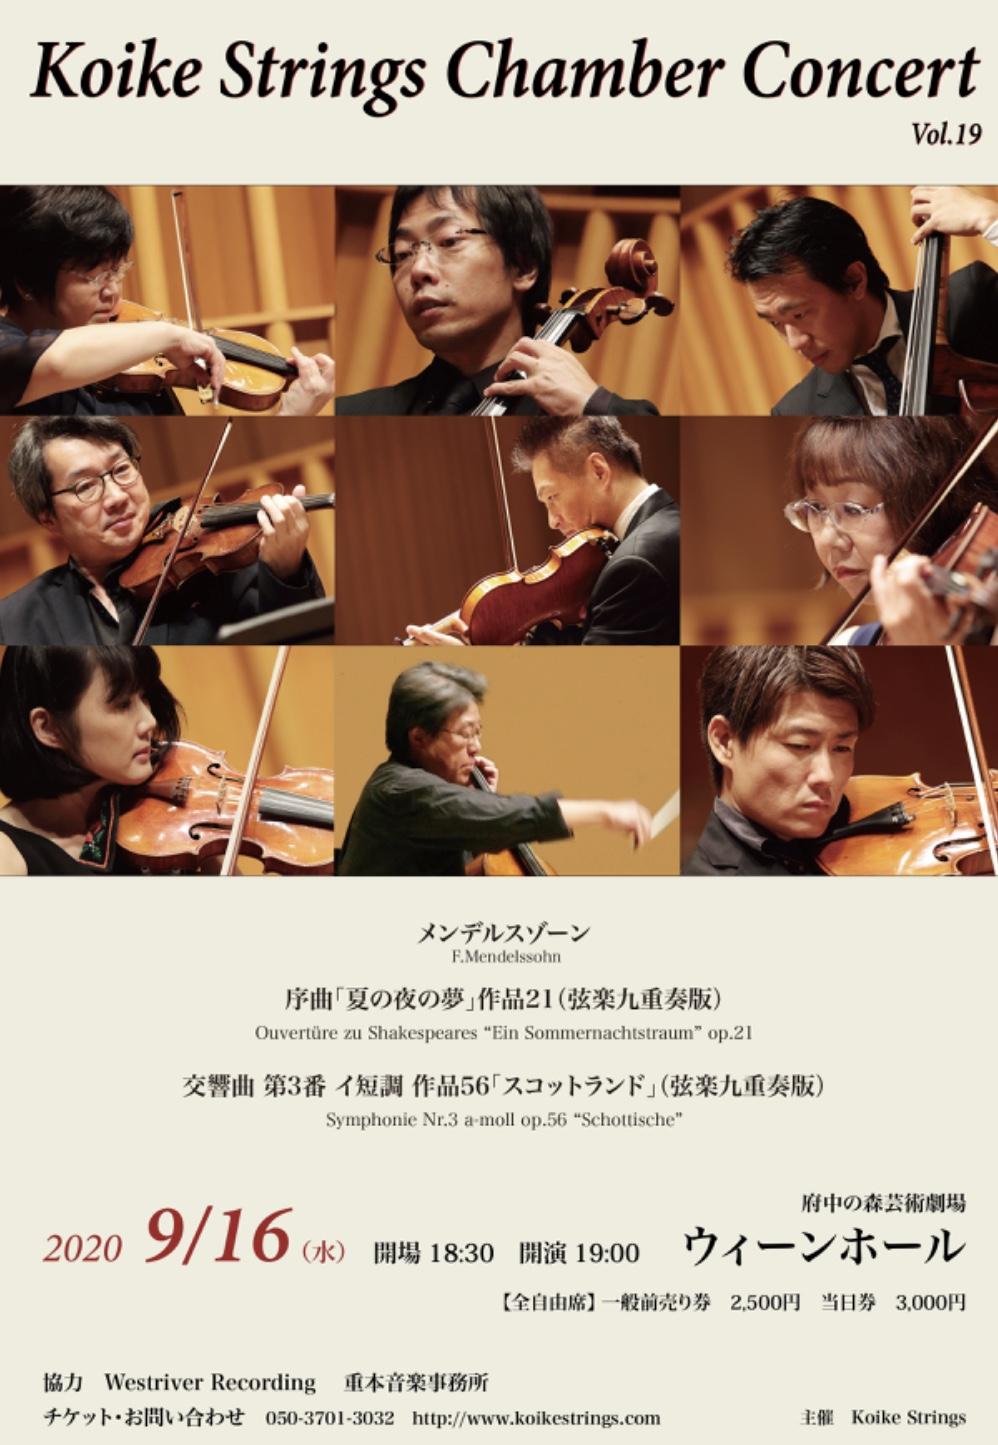 Koike Strings Chamber Concert Vol.19